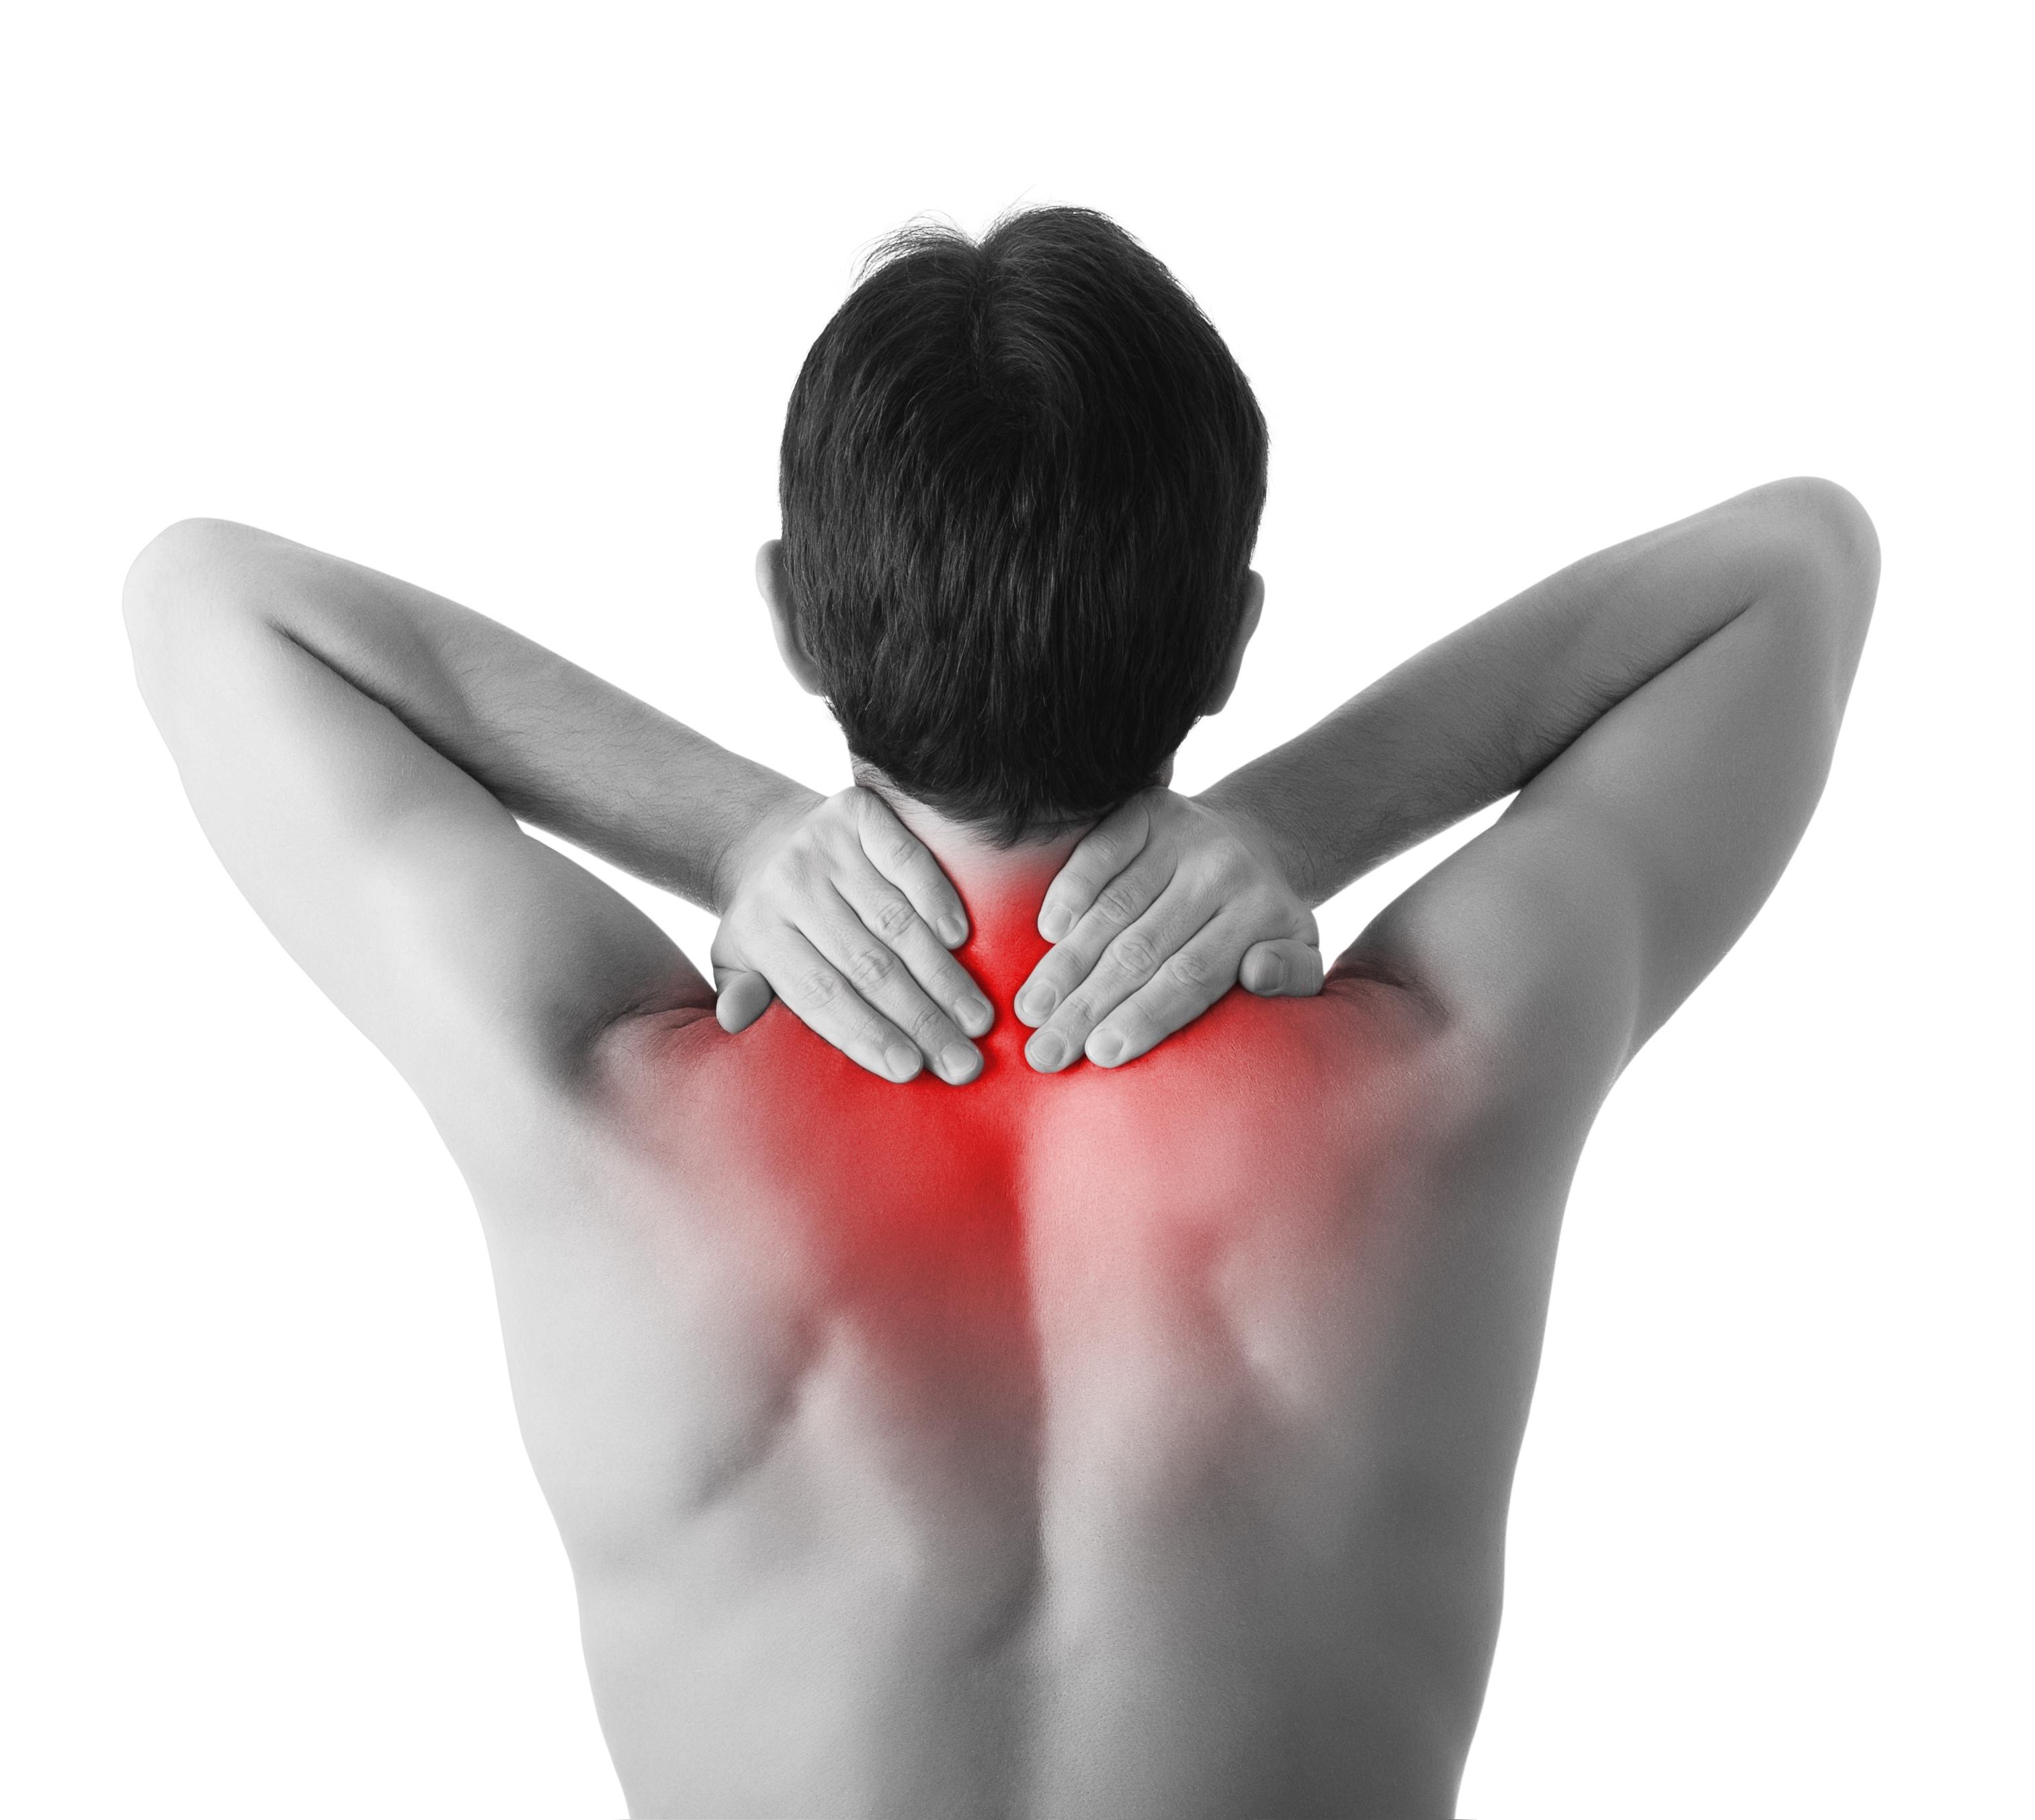 segít az ízületek és a hát alsó részének fájdalmain.